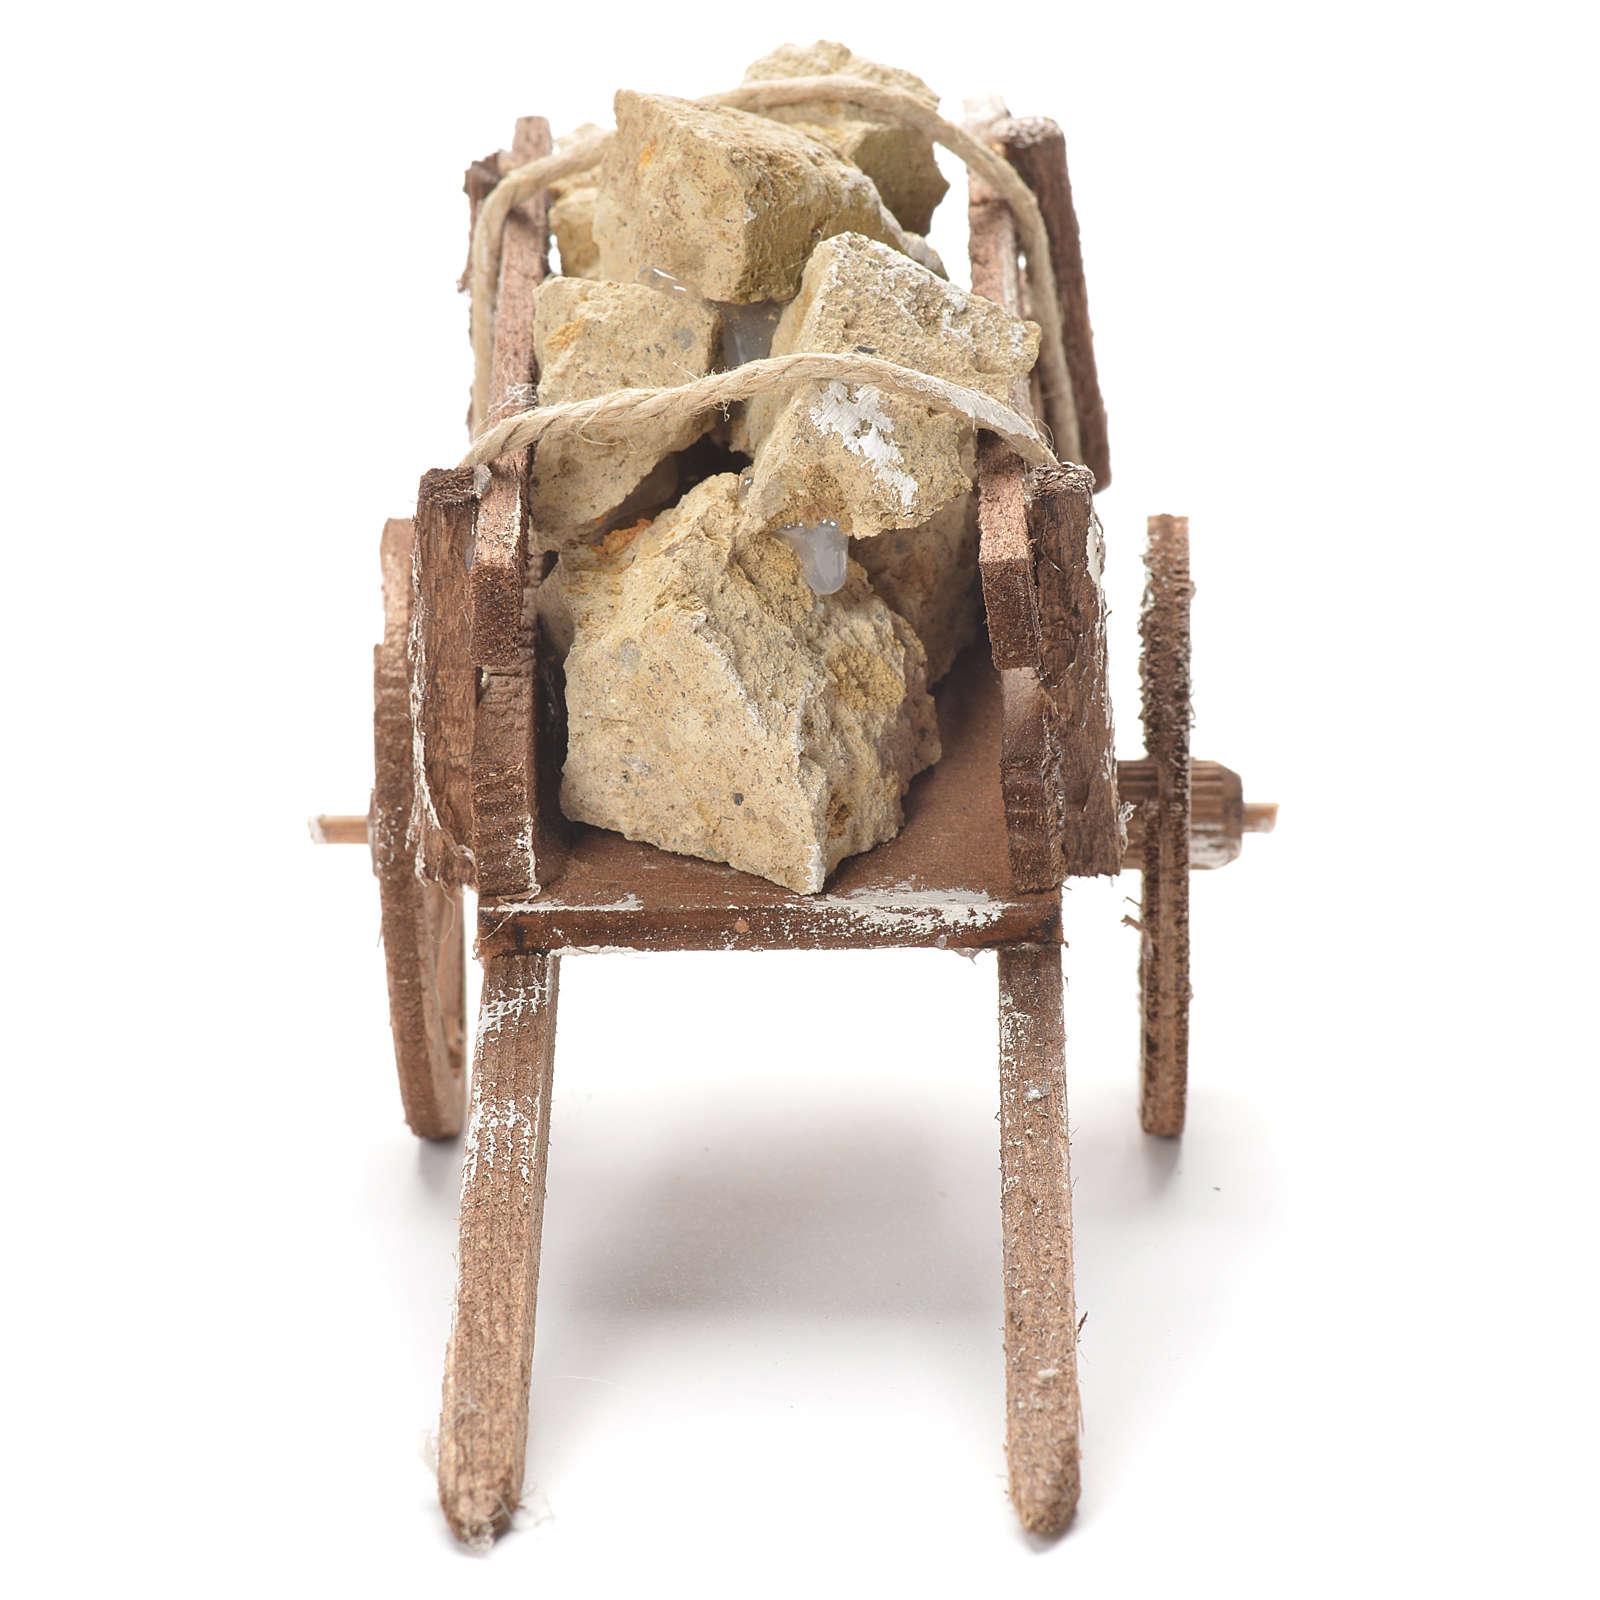 Wózek z kamieniami szopka neapolitańska 12x20x8 cm 4